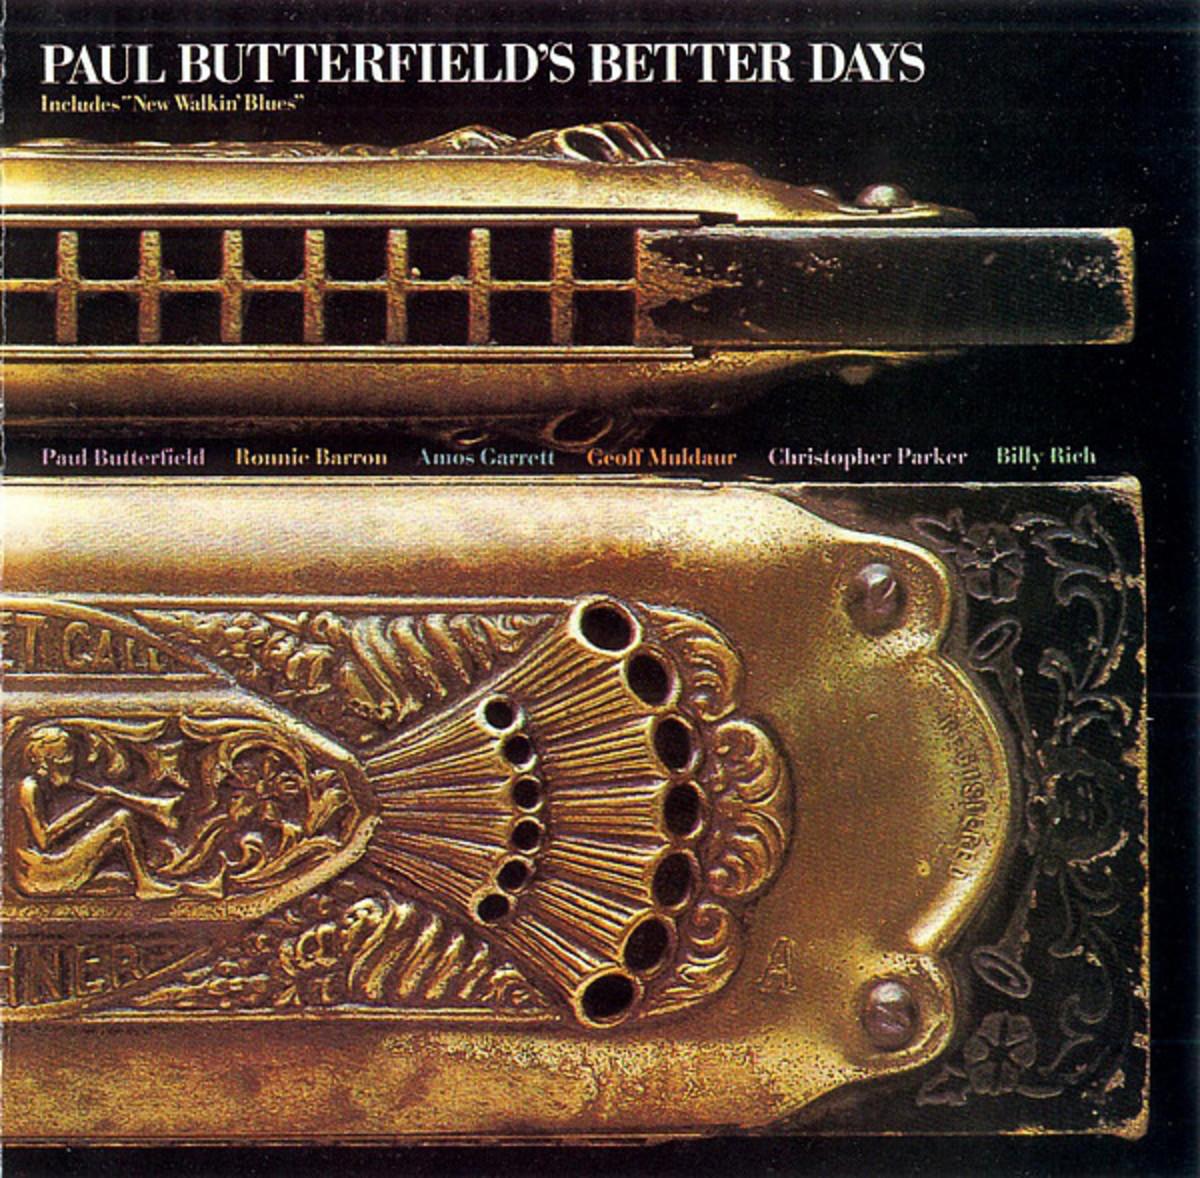 Paul Butterfield's Better Days, Better Days